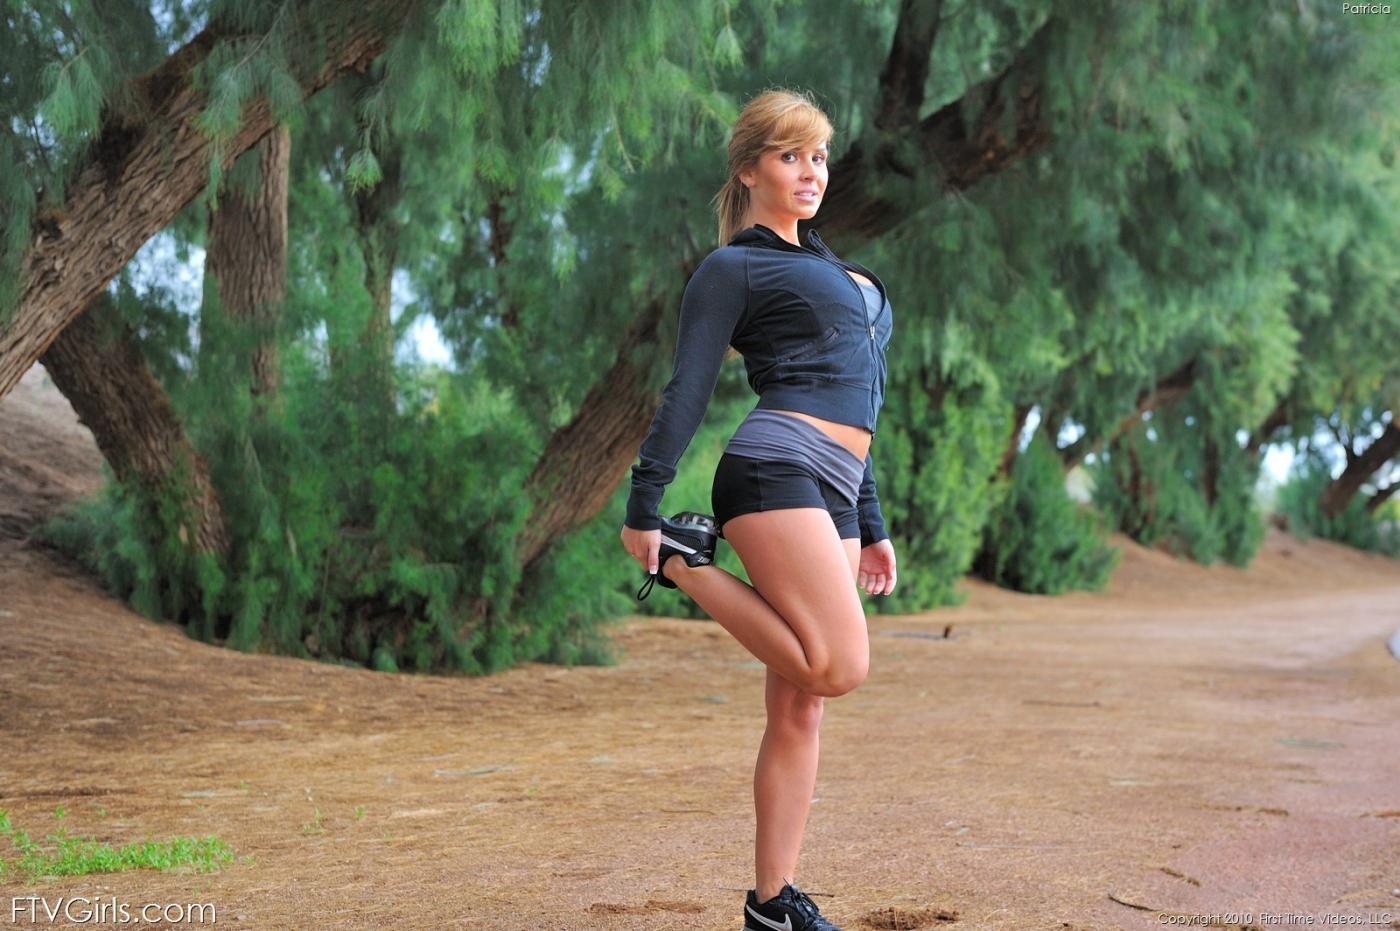 Игривая спортсменка Patricia FTV демонстрирует буфера и красивую сраку